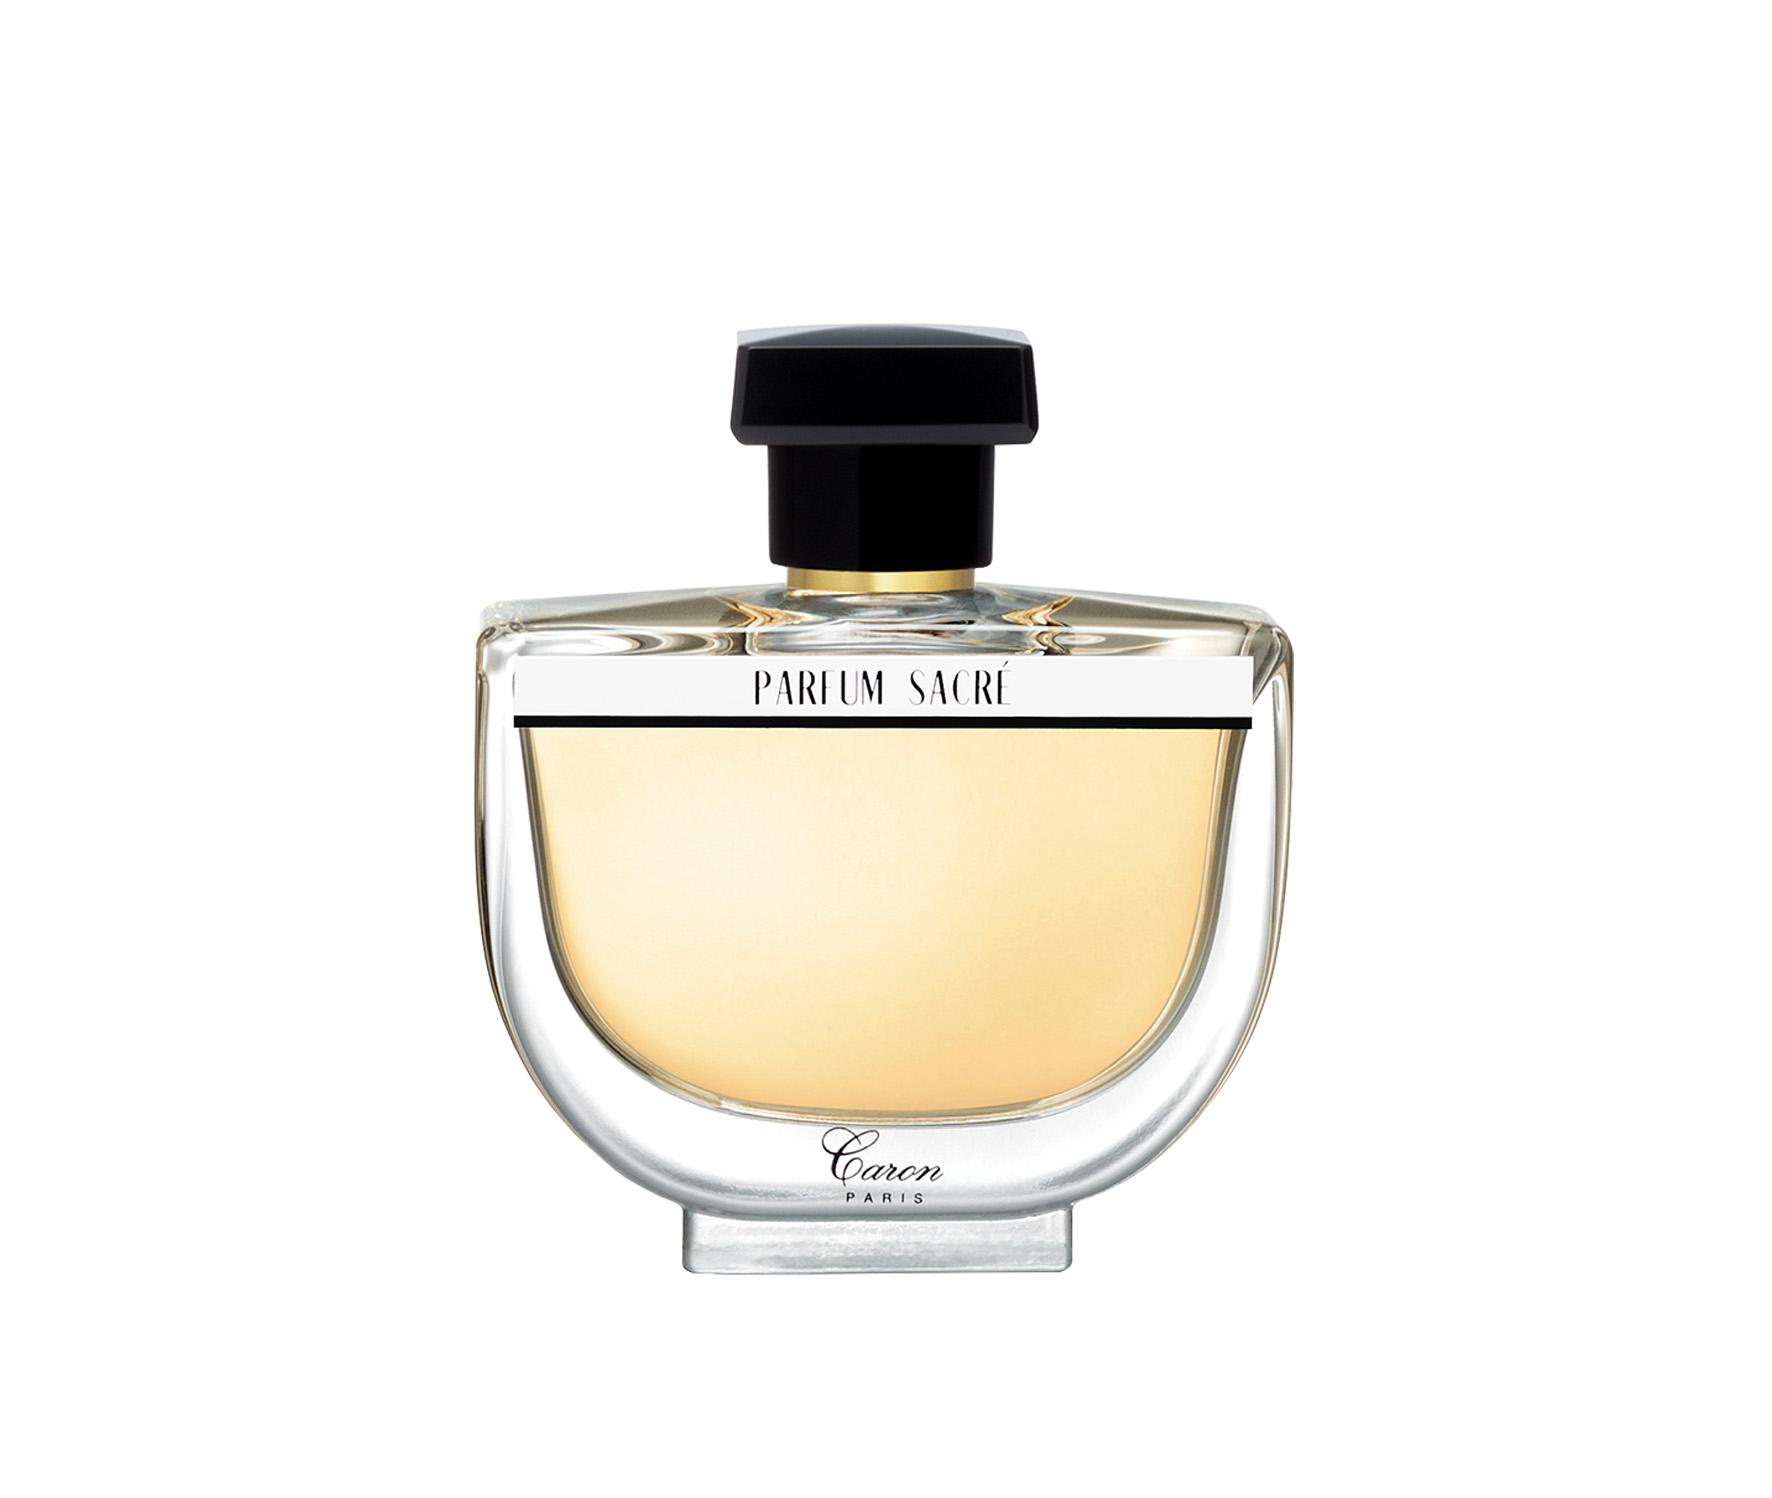 5-Caron-Parfum-Sacre-Fragranze-da-donna-esclusive-Collection-Les-Essentiels-Distributore-Dispar-SpA.jpg